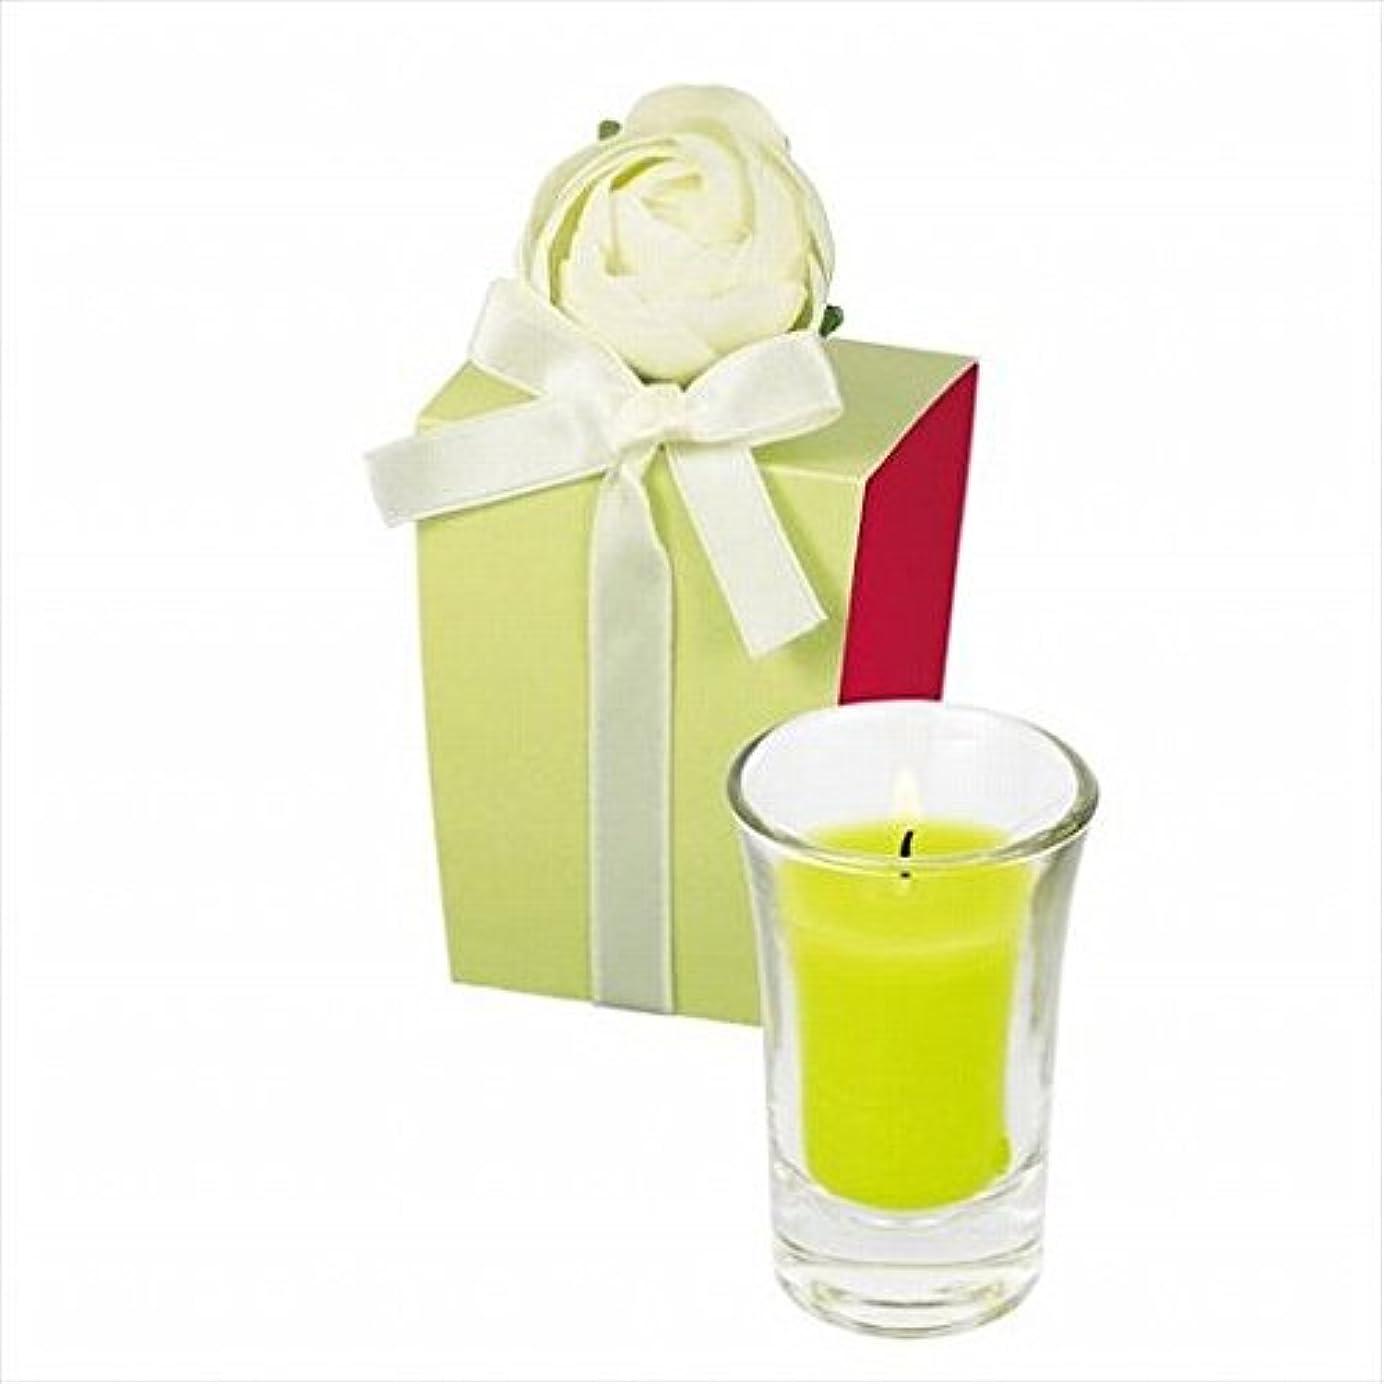 ラオス人圧縮された配分kameyama candle(カメヤマキャンドル) ラナンキュラスグラスキャンドル 「 ライトグリーン 」(A9390500LG)